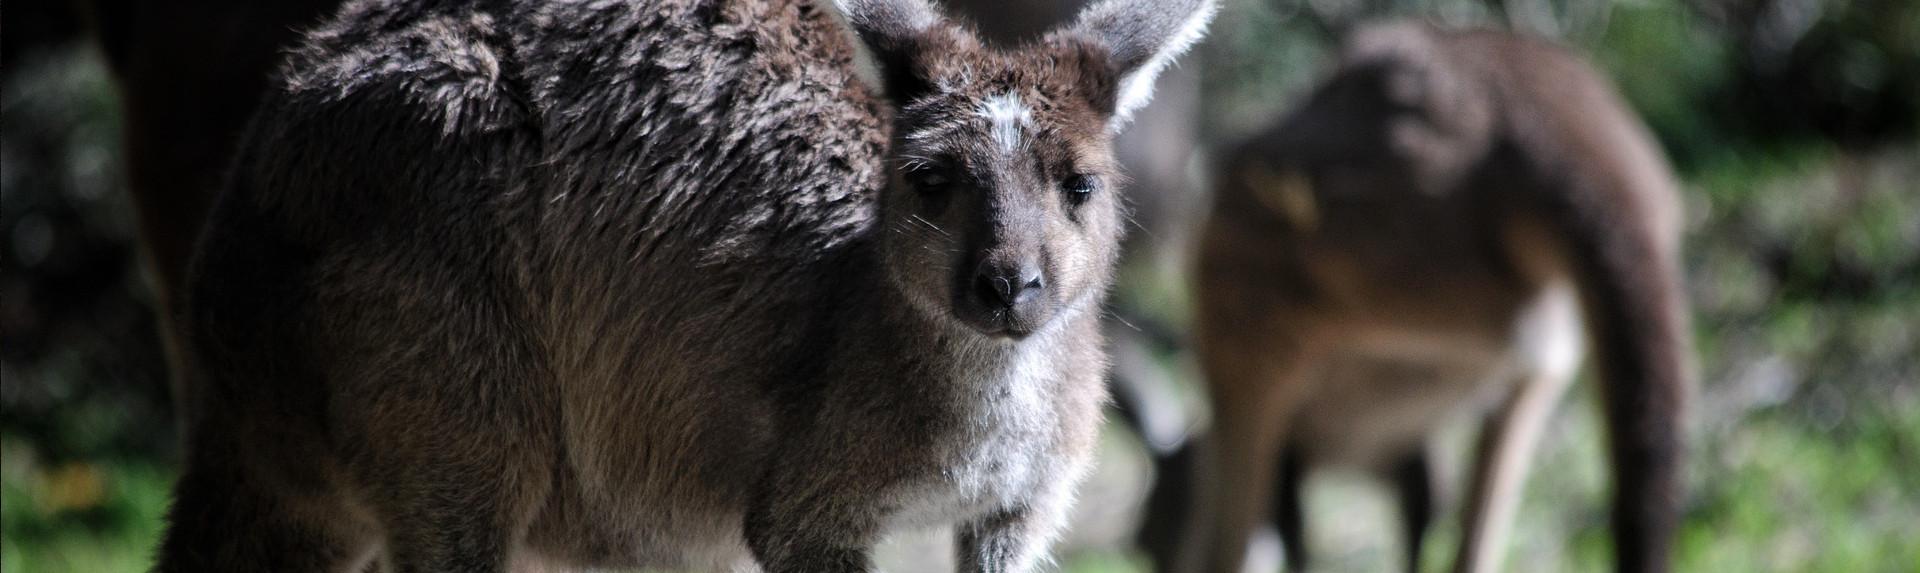 Is it safe to visit Kangaroo Island?